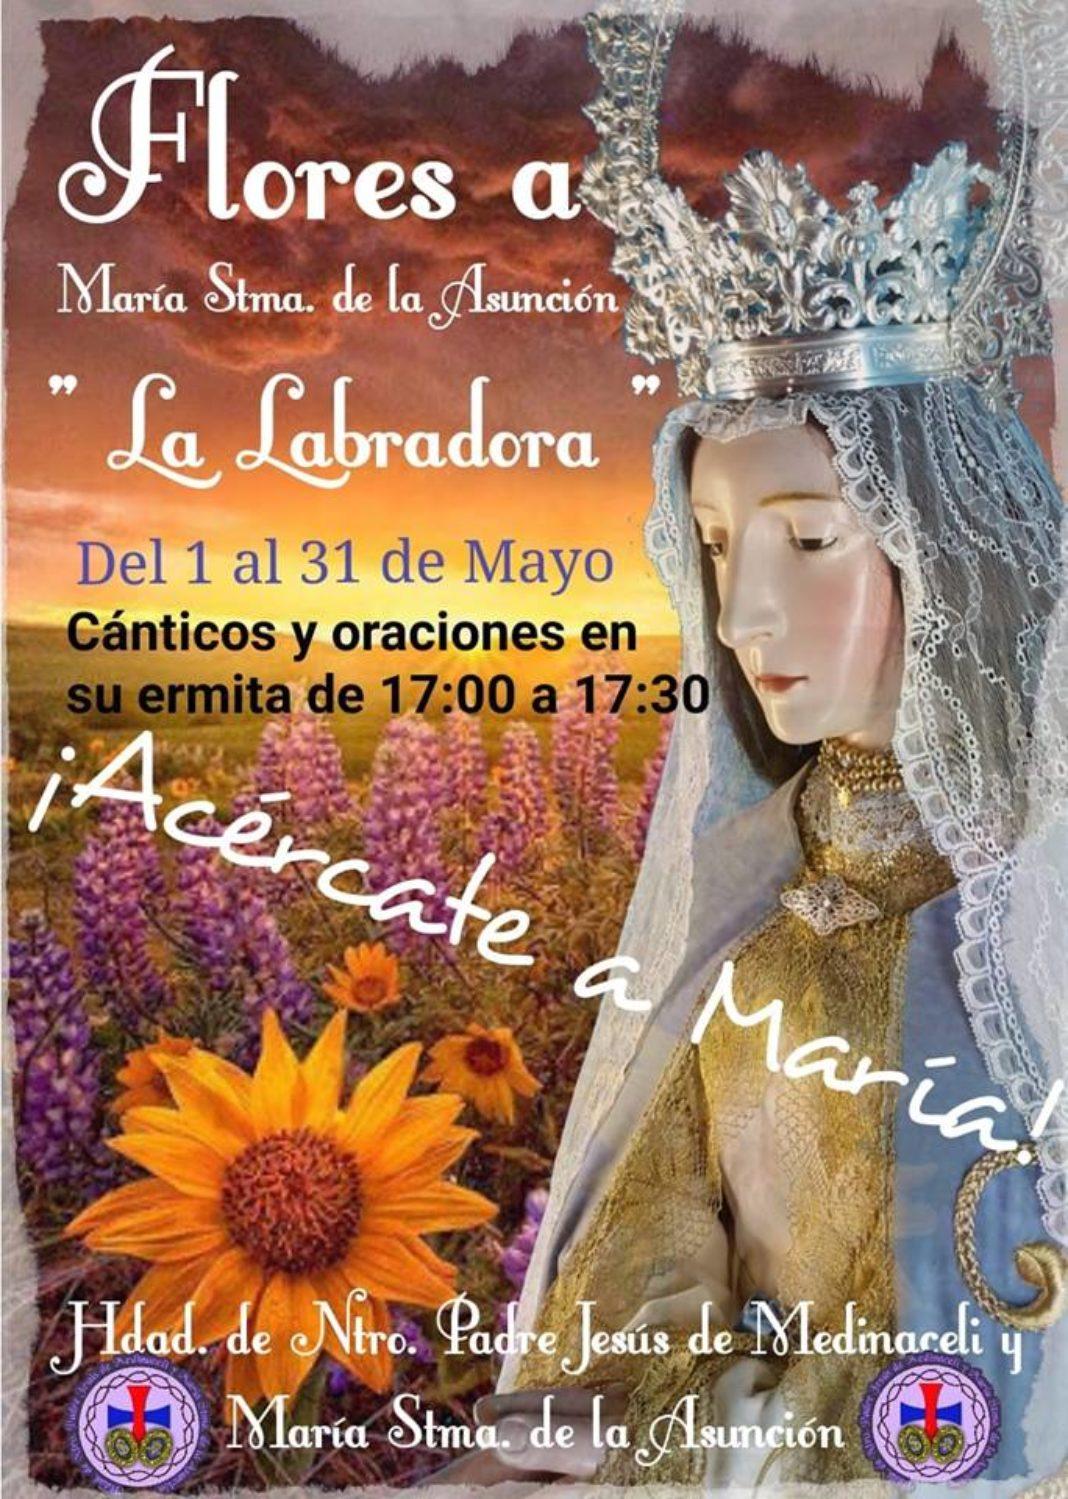 La hermandad de Jesús de Medinaceli y la Virgen de la Asunción recupera la tradición del cántico de las flores durante el mes de mayo 4